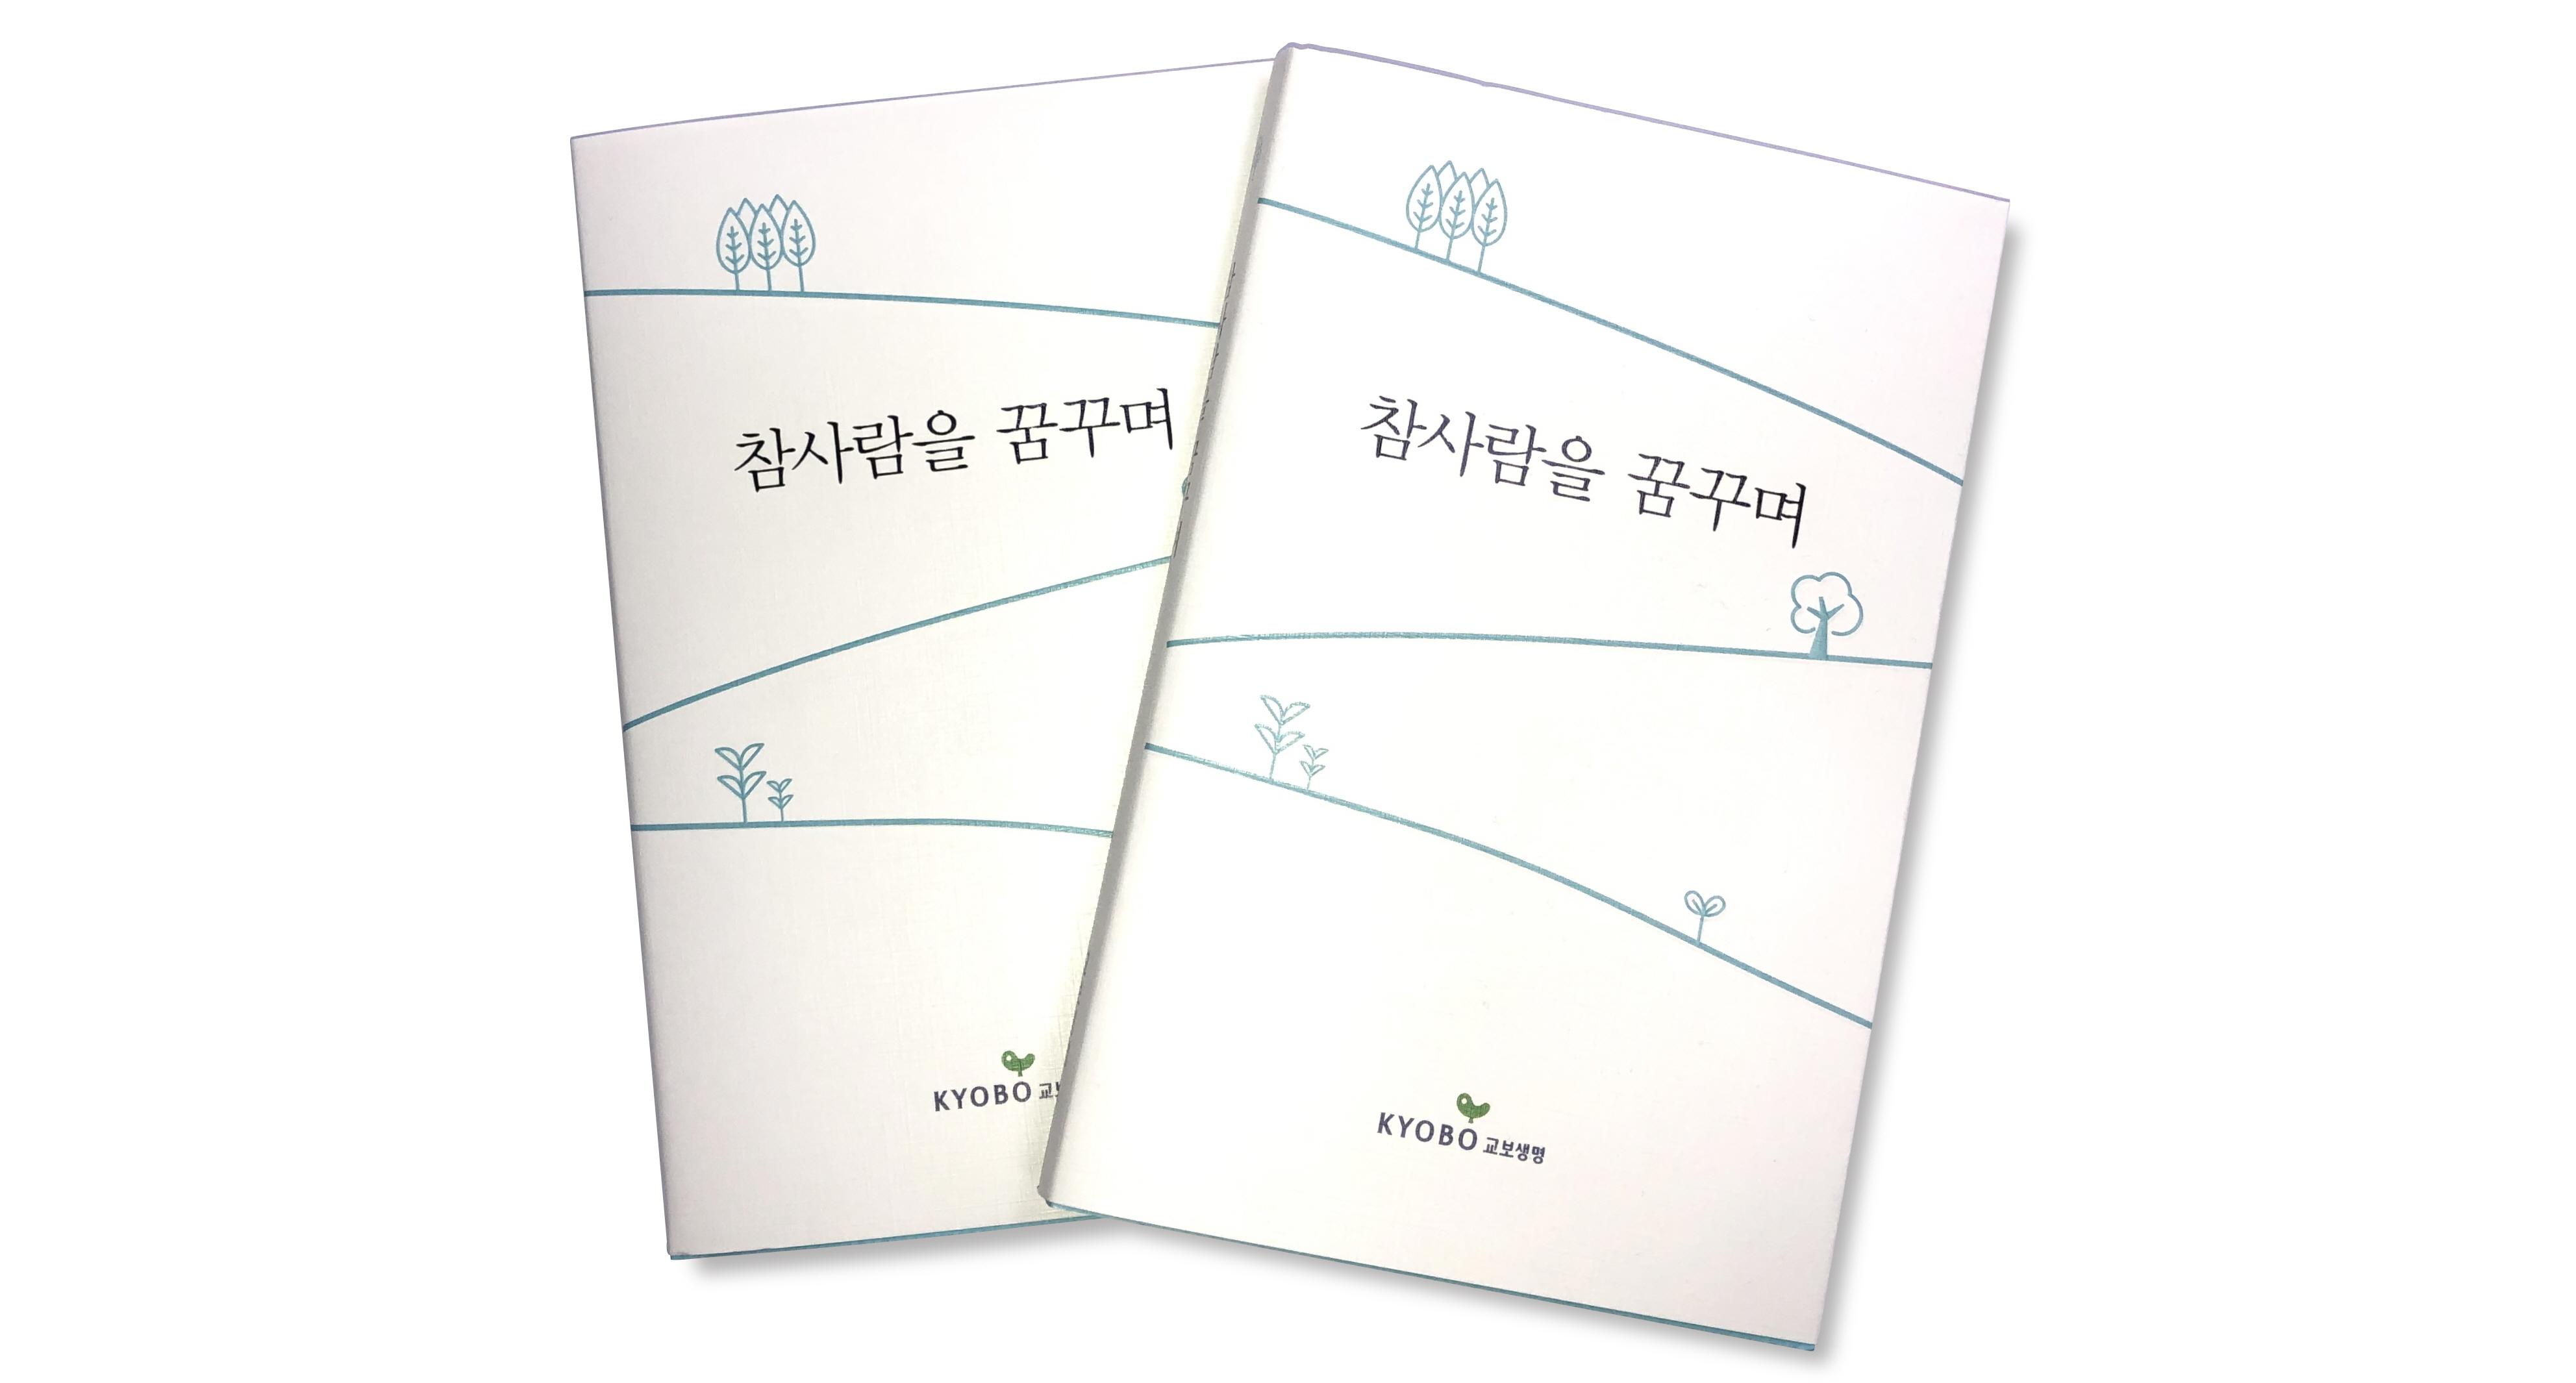 포맷변환_누끼 교보 별책.png